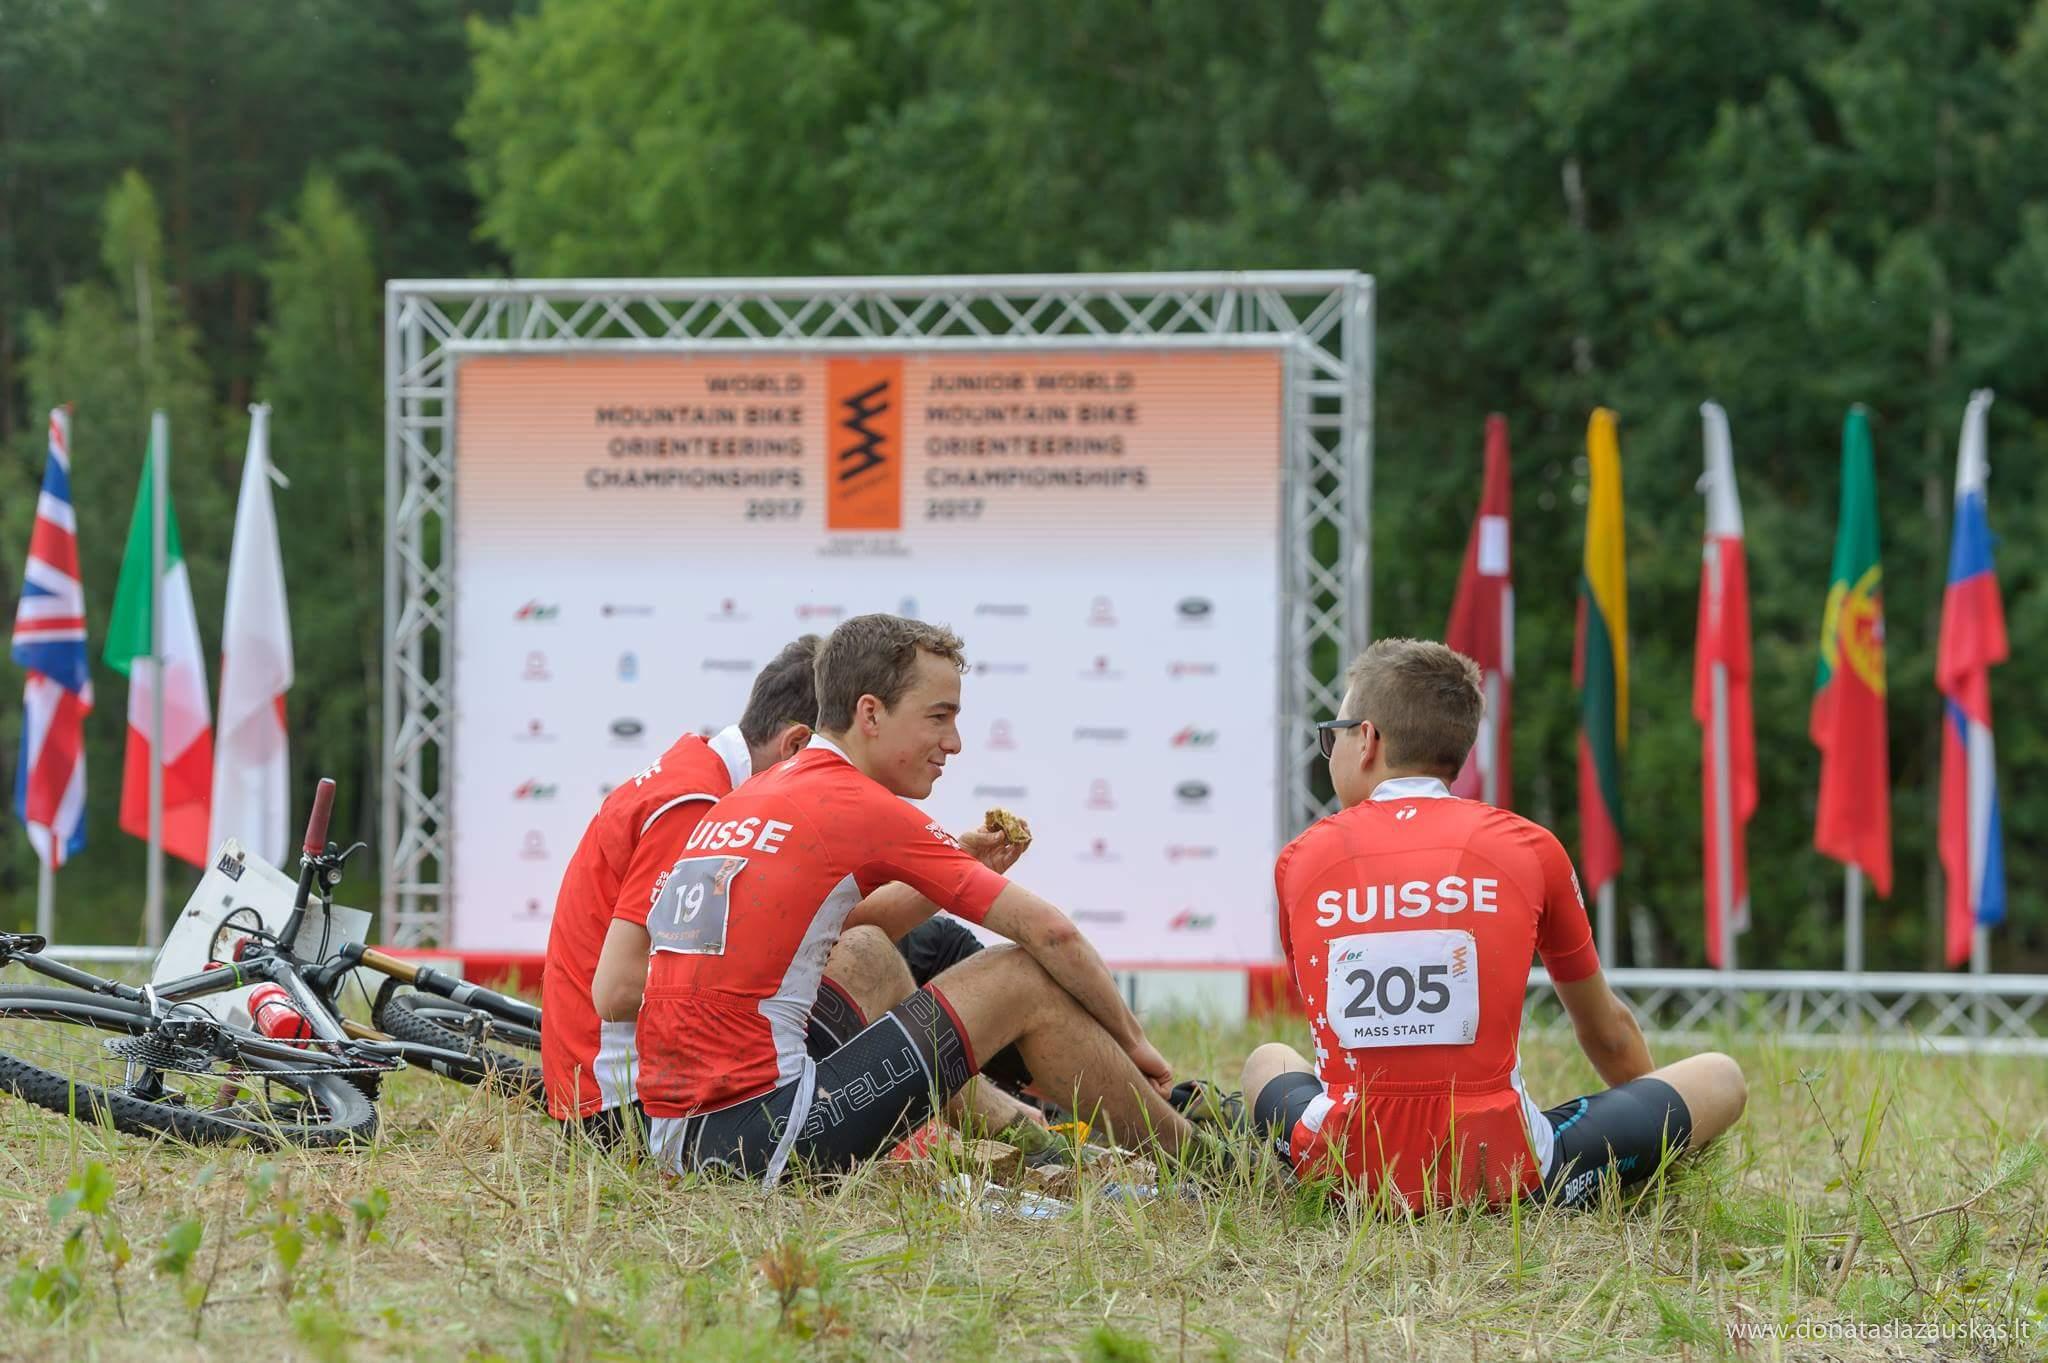 Recovery after Mass start (Donatas Lazauskas)